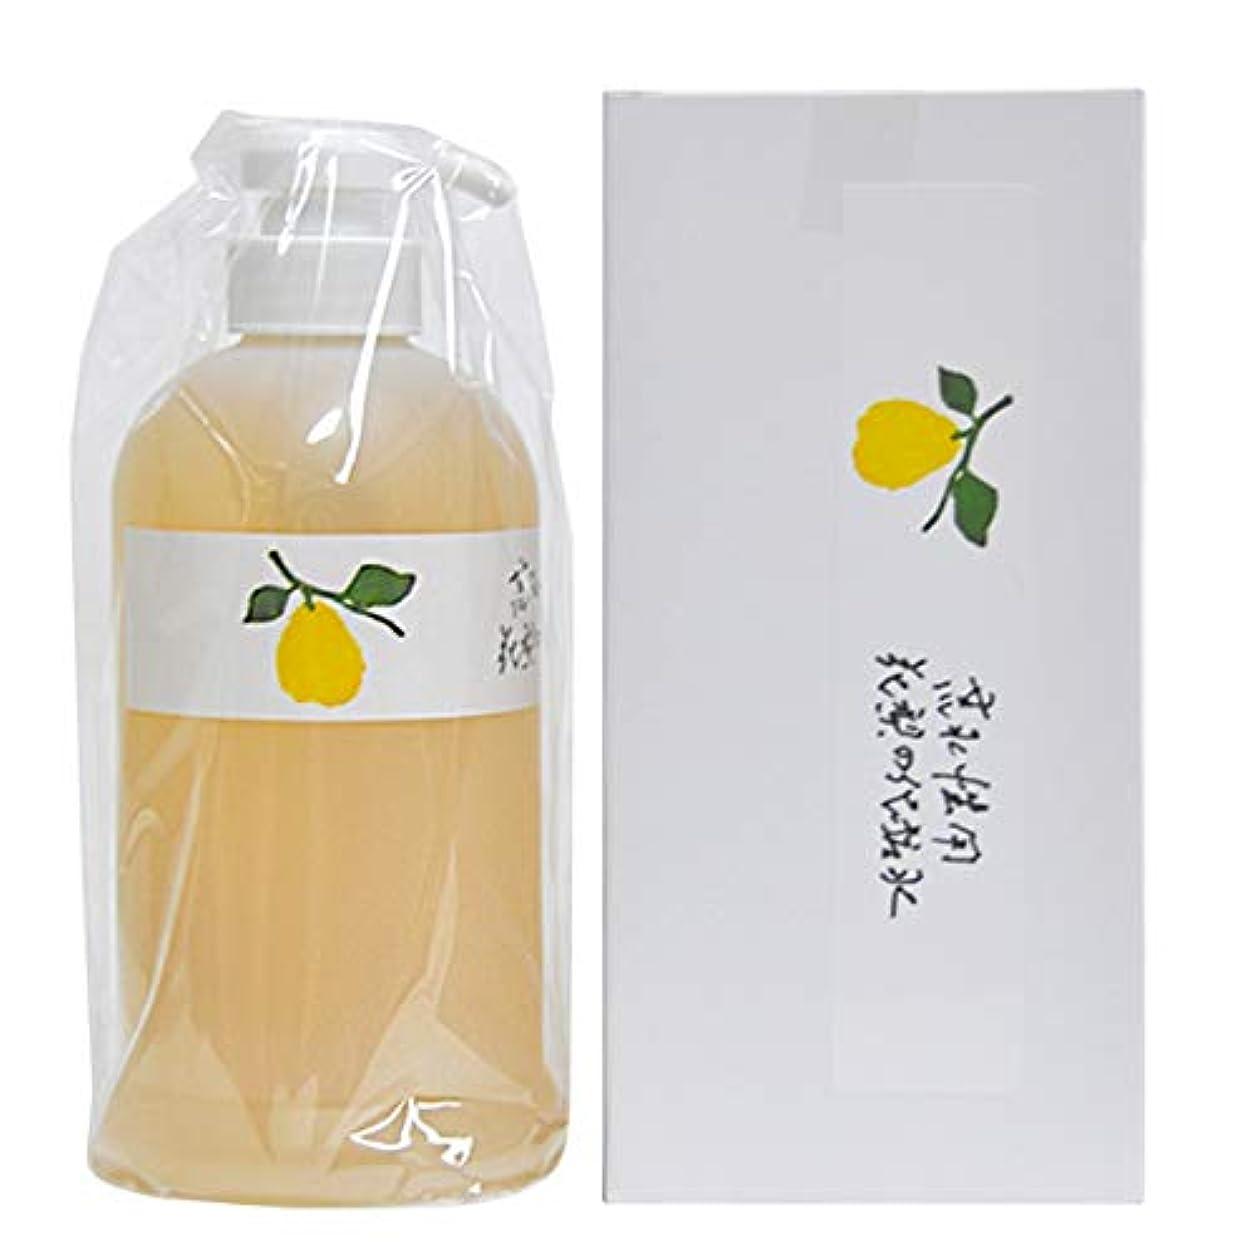 予約許容マンモス花梨の化粧水 お徳用ホームサイズ 630ml